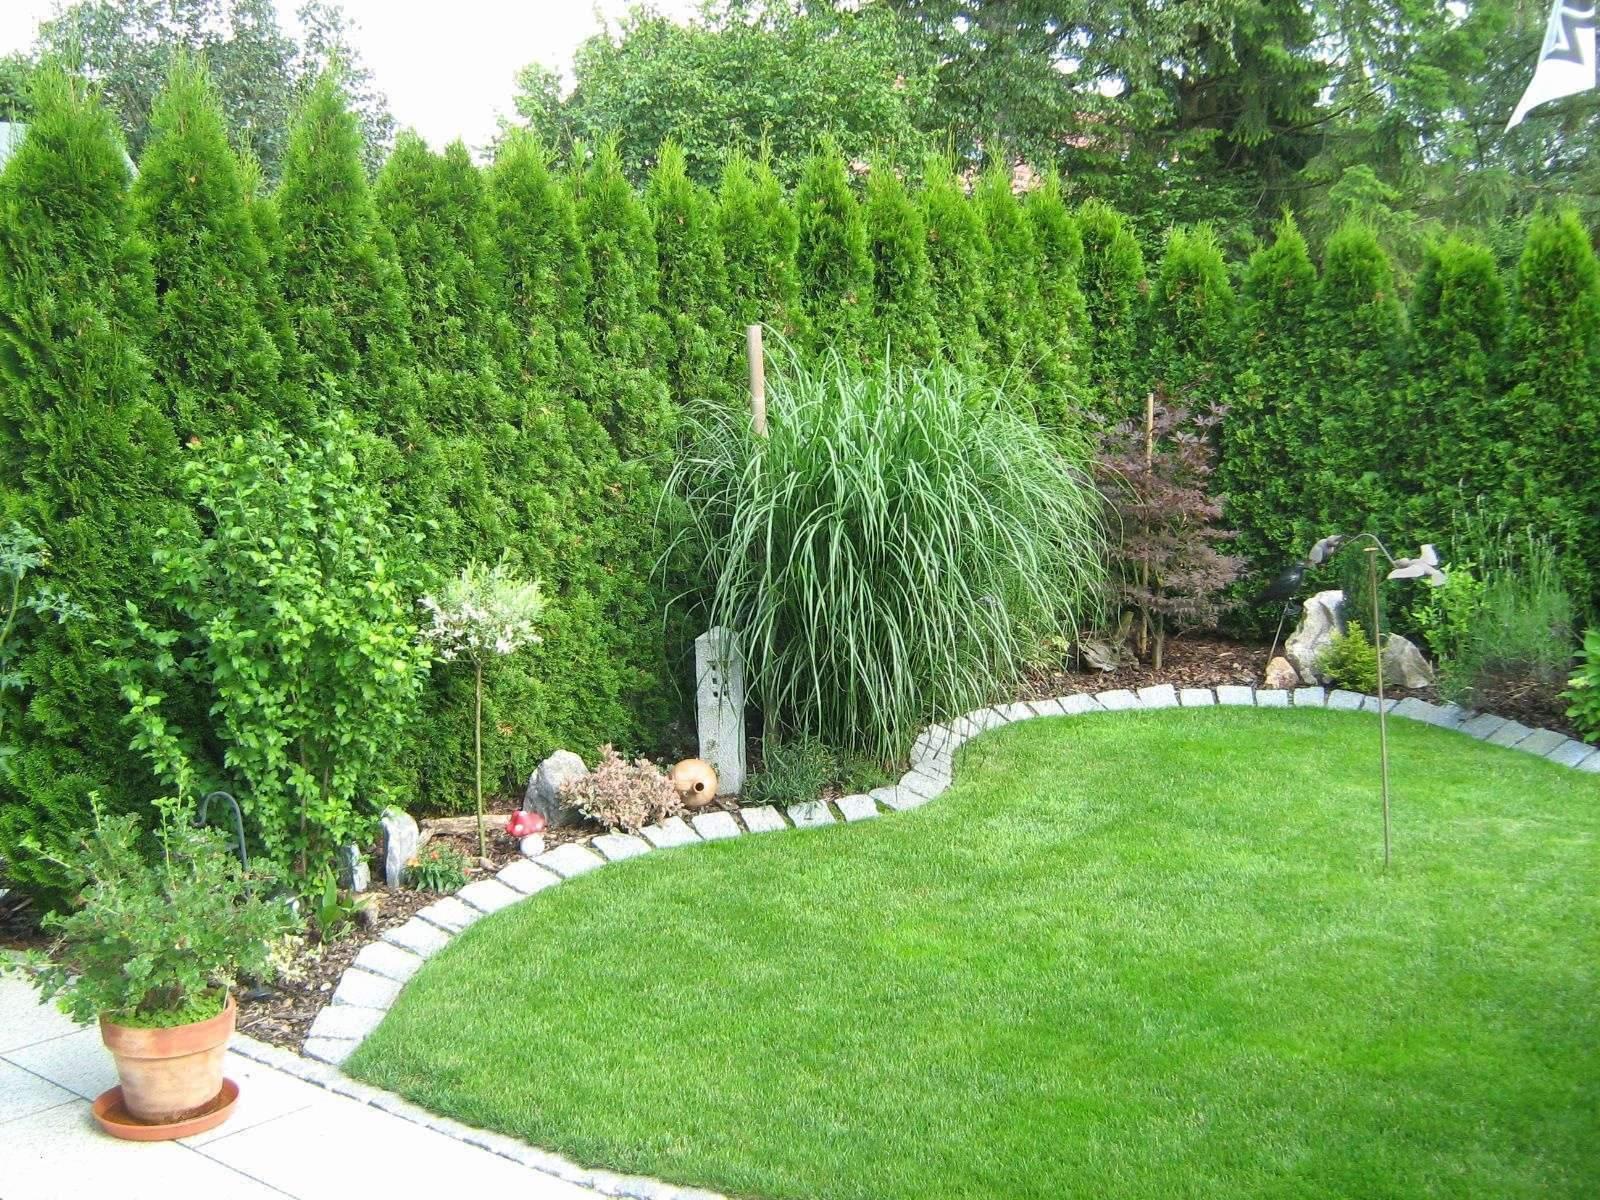 Toilette Im Garten Sickergrube Einzigartig 35 Frisch Garten Winter Genial Garten Anlegen